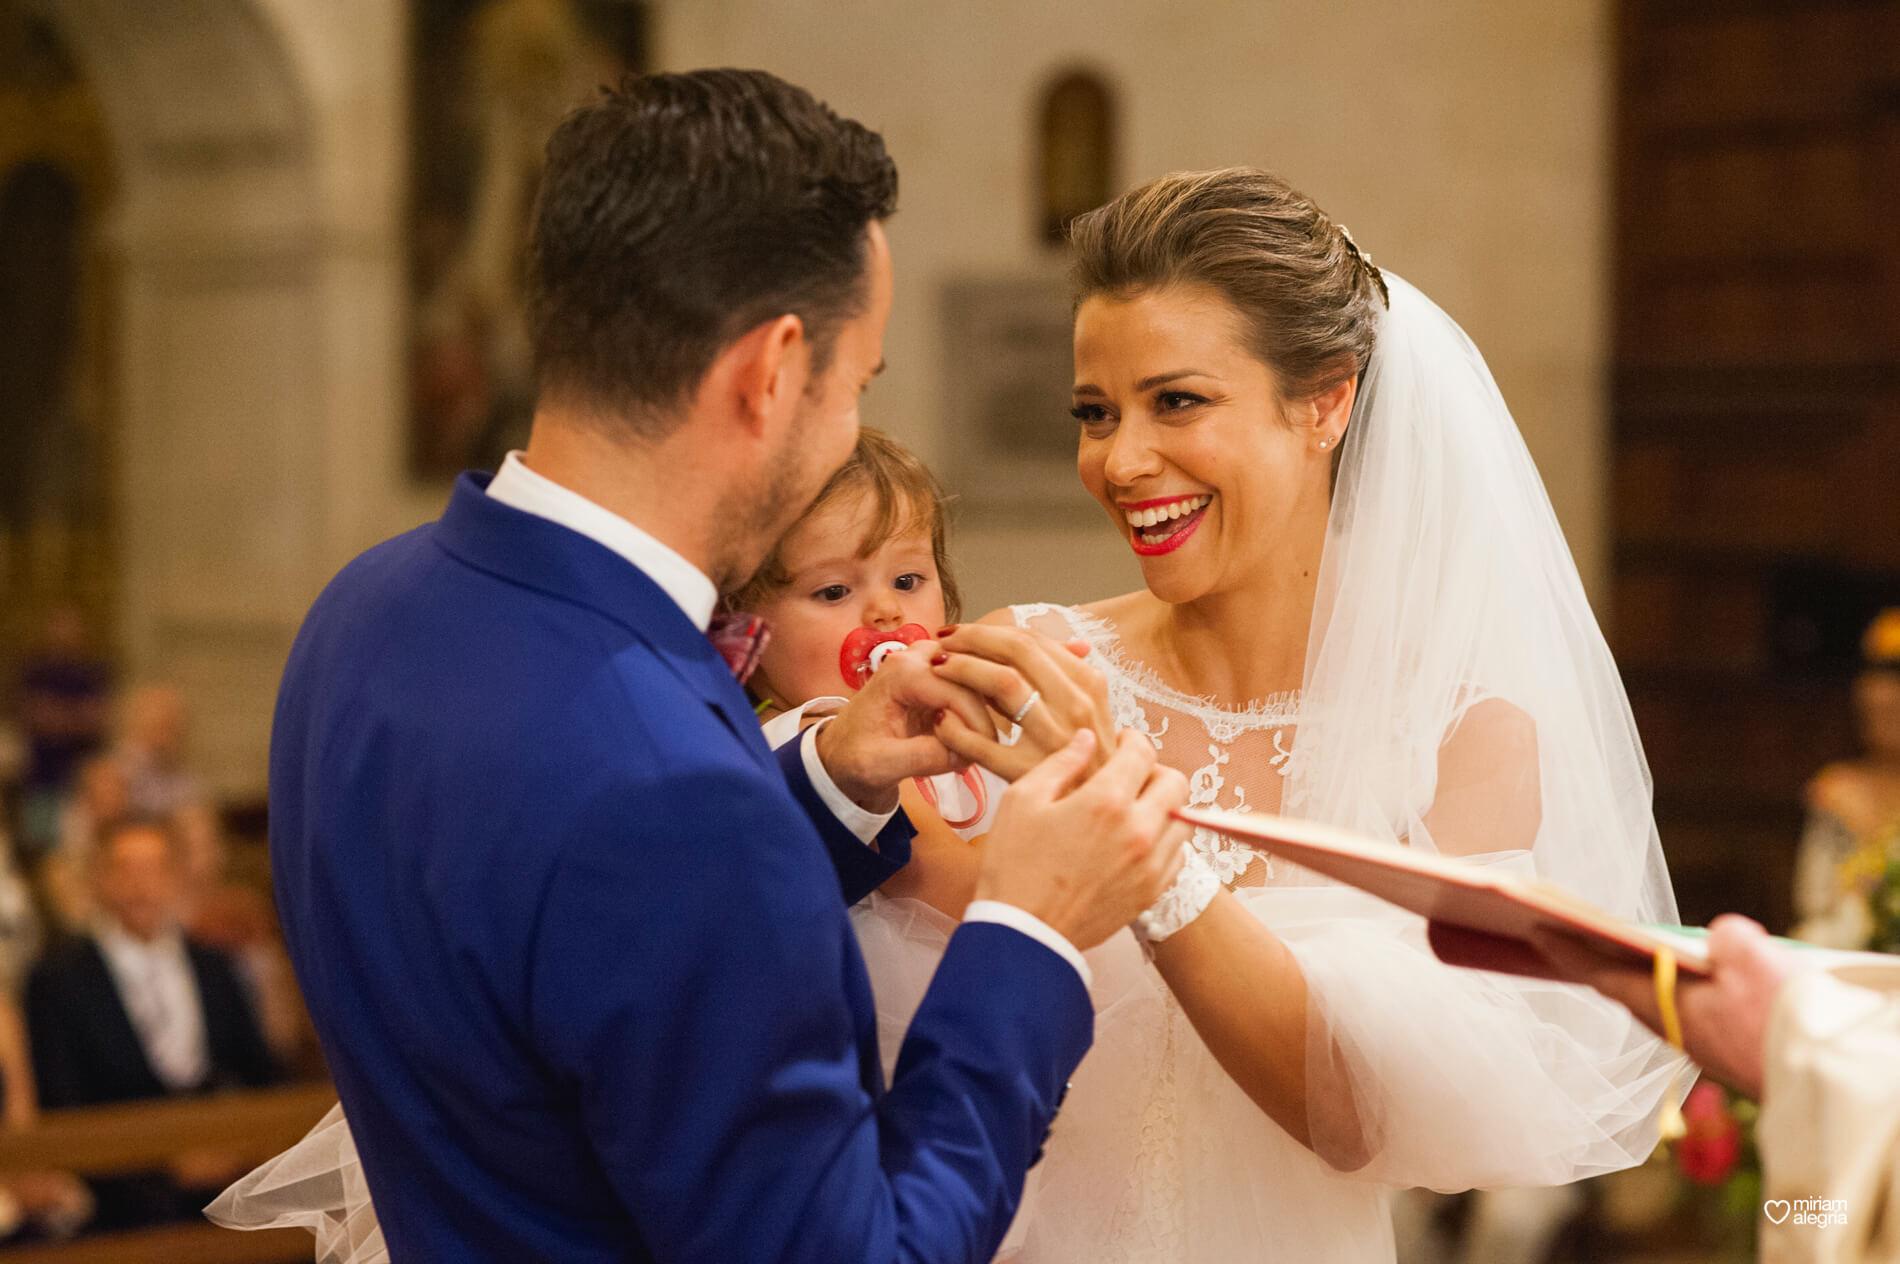 wedding-huerto-del-cura-elche-miriam-alegria-fotografos-boda-227